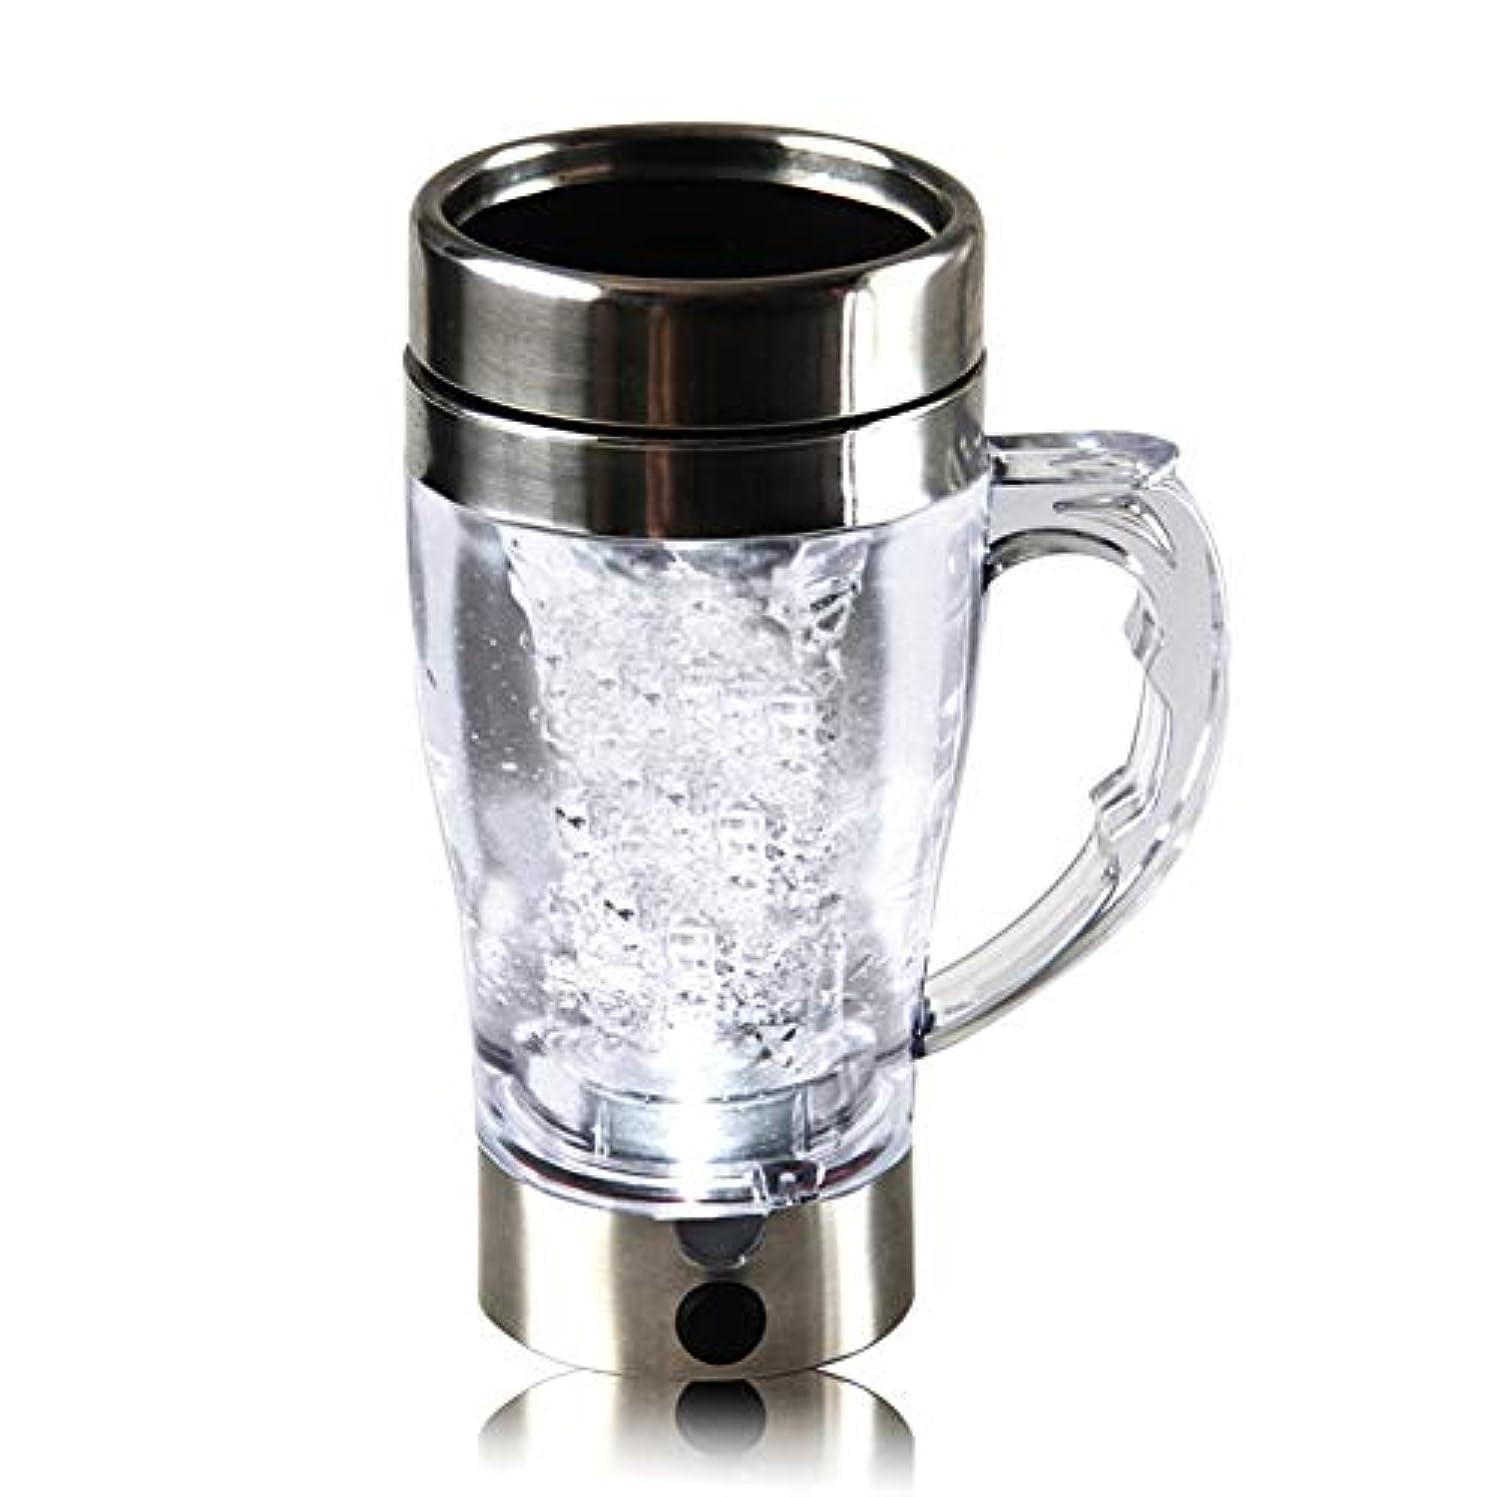 作成者配偶者花瓶SweetiChic 電動プロテインシェーカー充電可能な統合プロテイン貯蔵容器自動混合コーヒーカップ